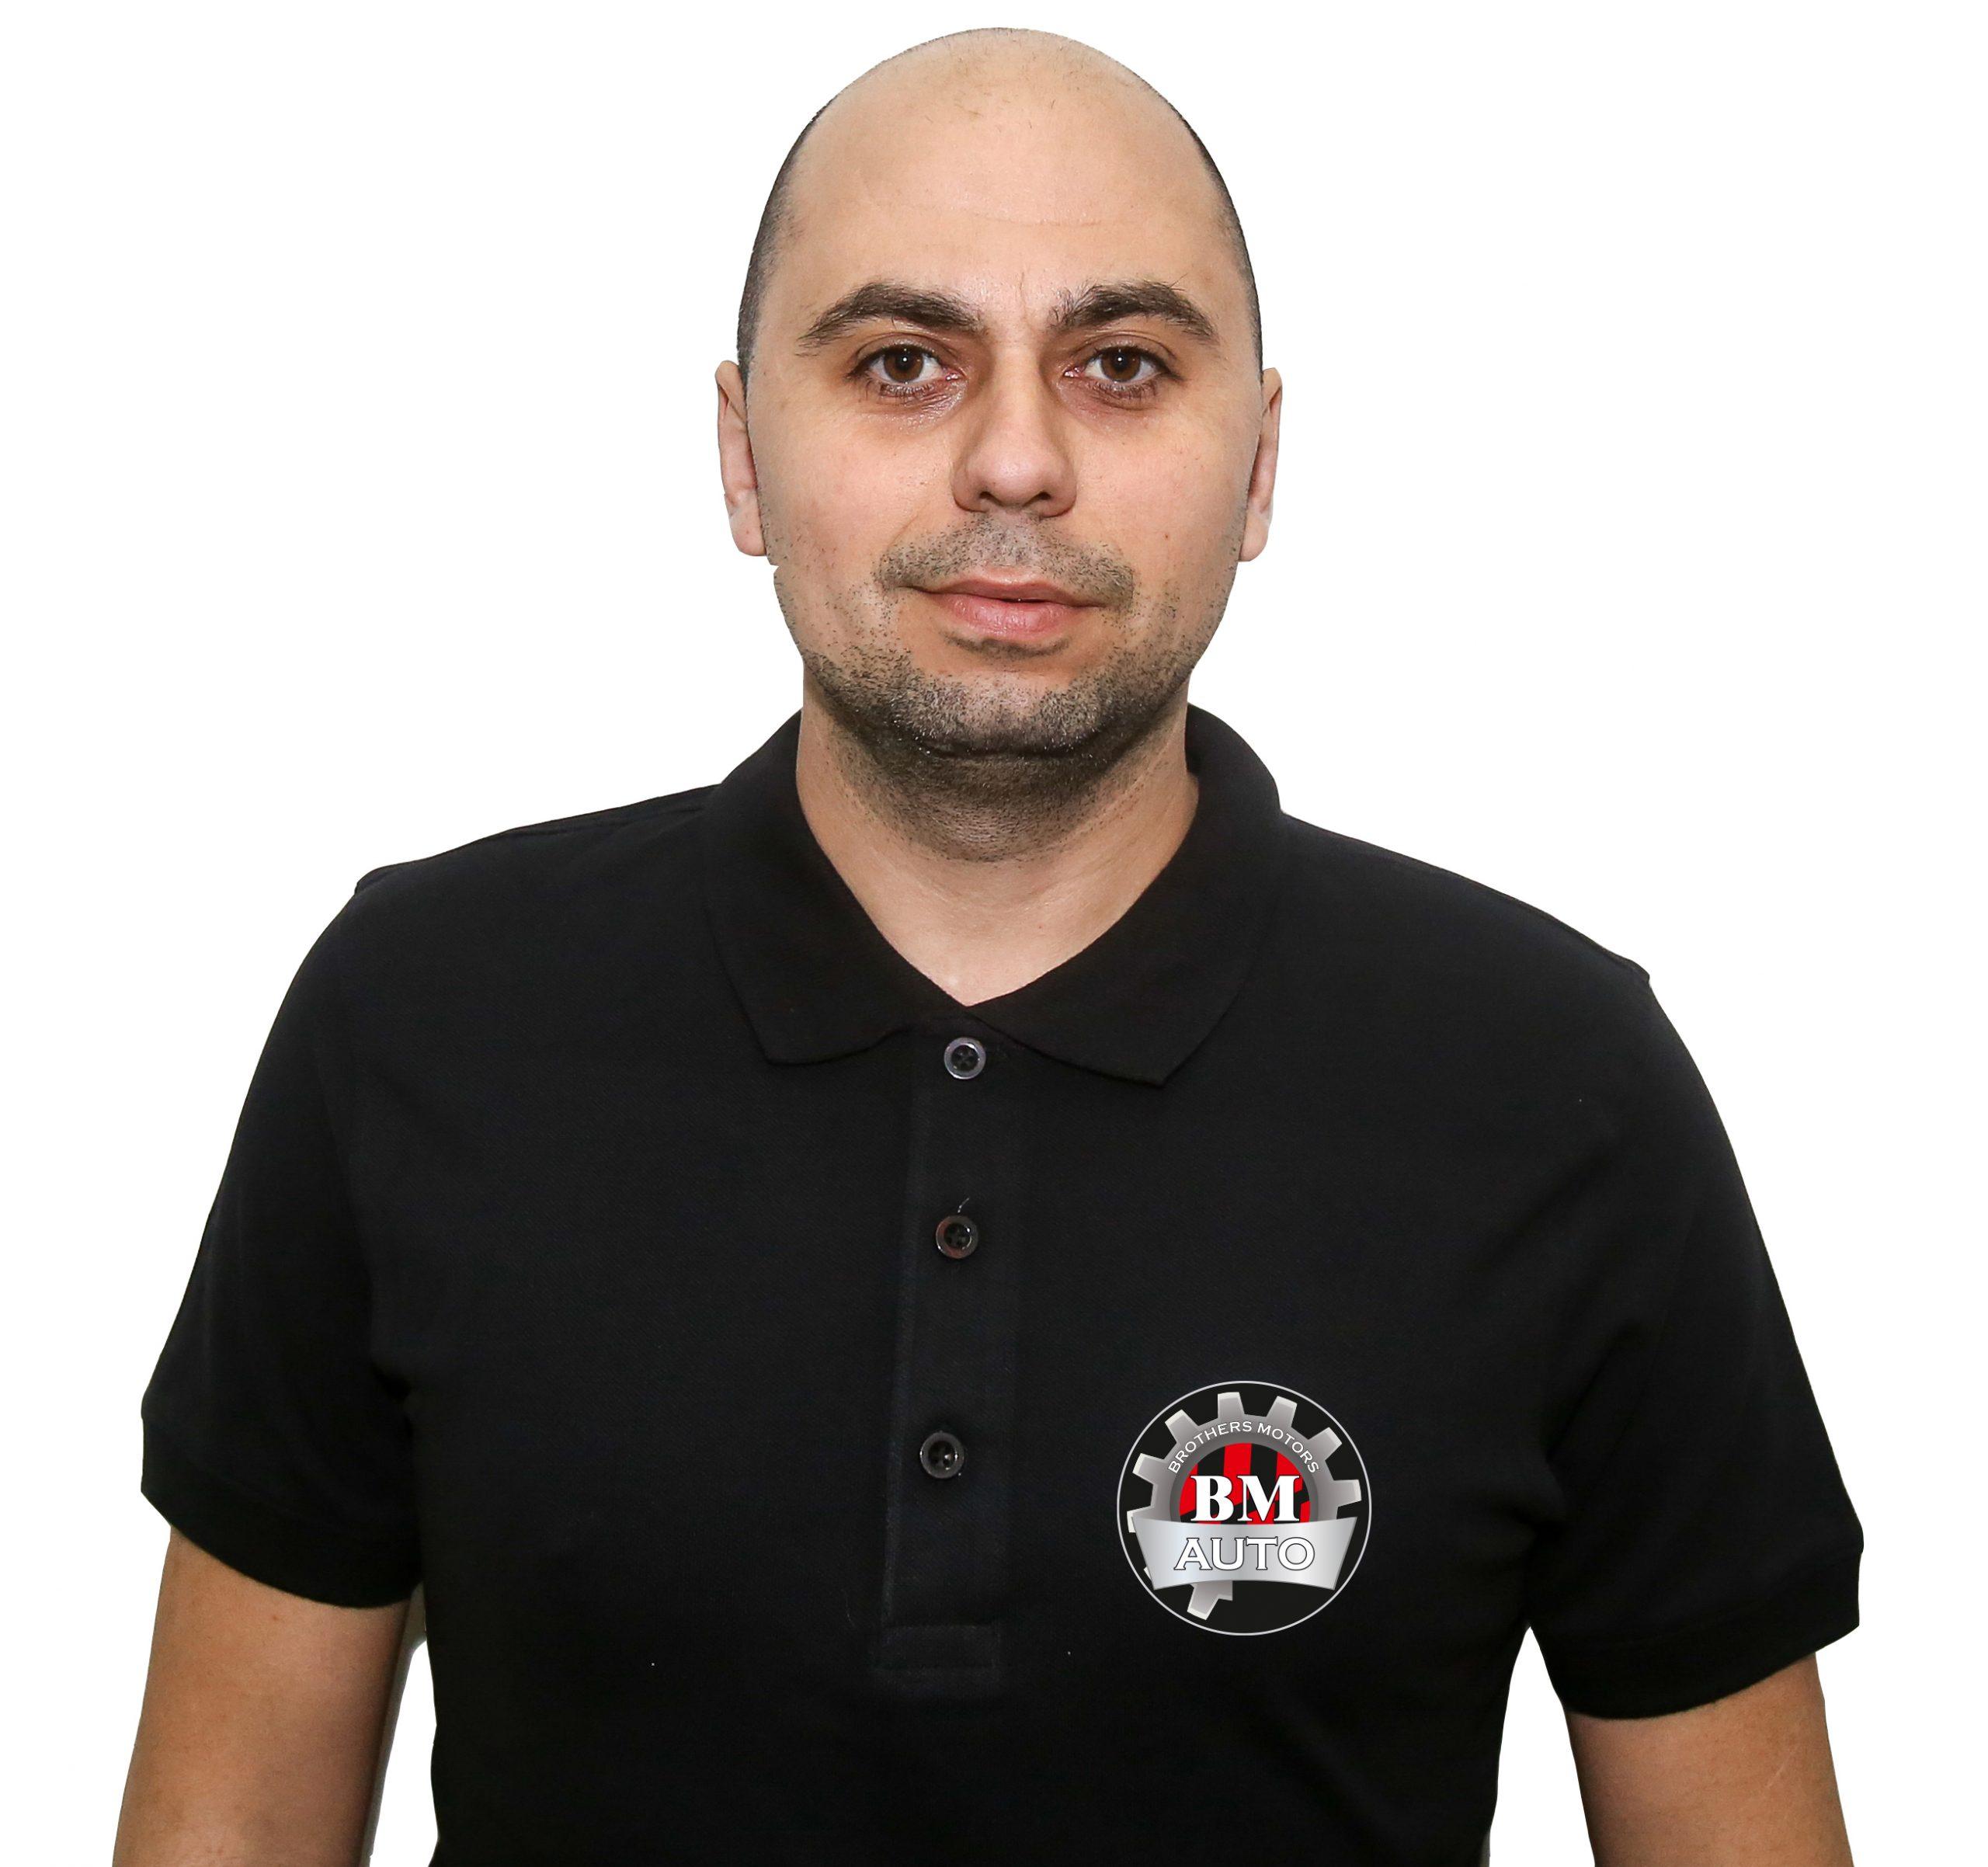 Борислав Бахнев